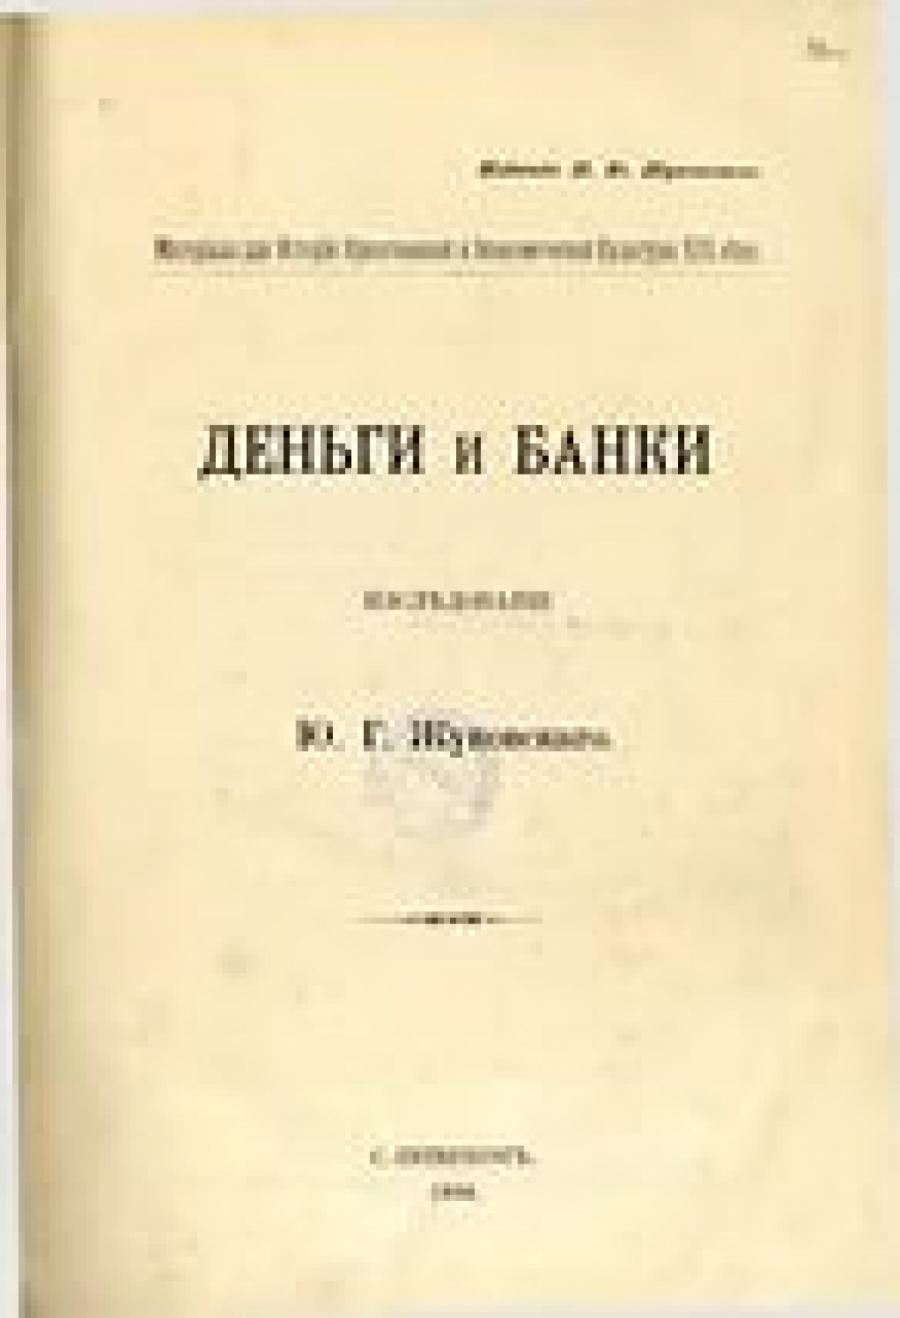 Обложка книги:  жуковский, ю.г. - деньги и банки